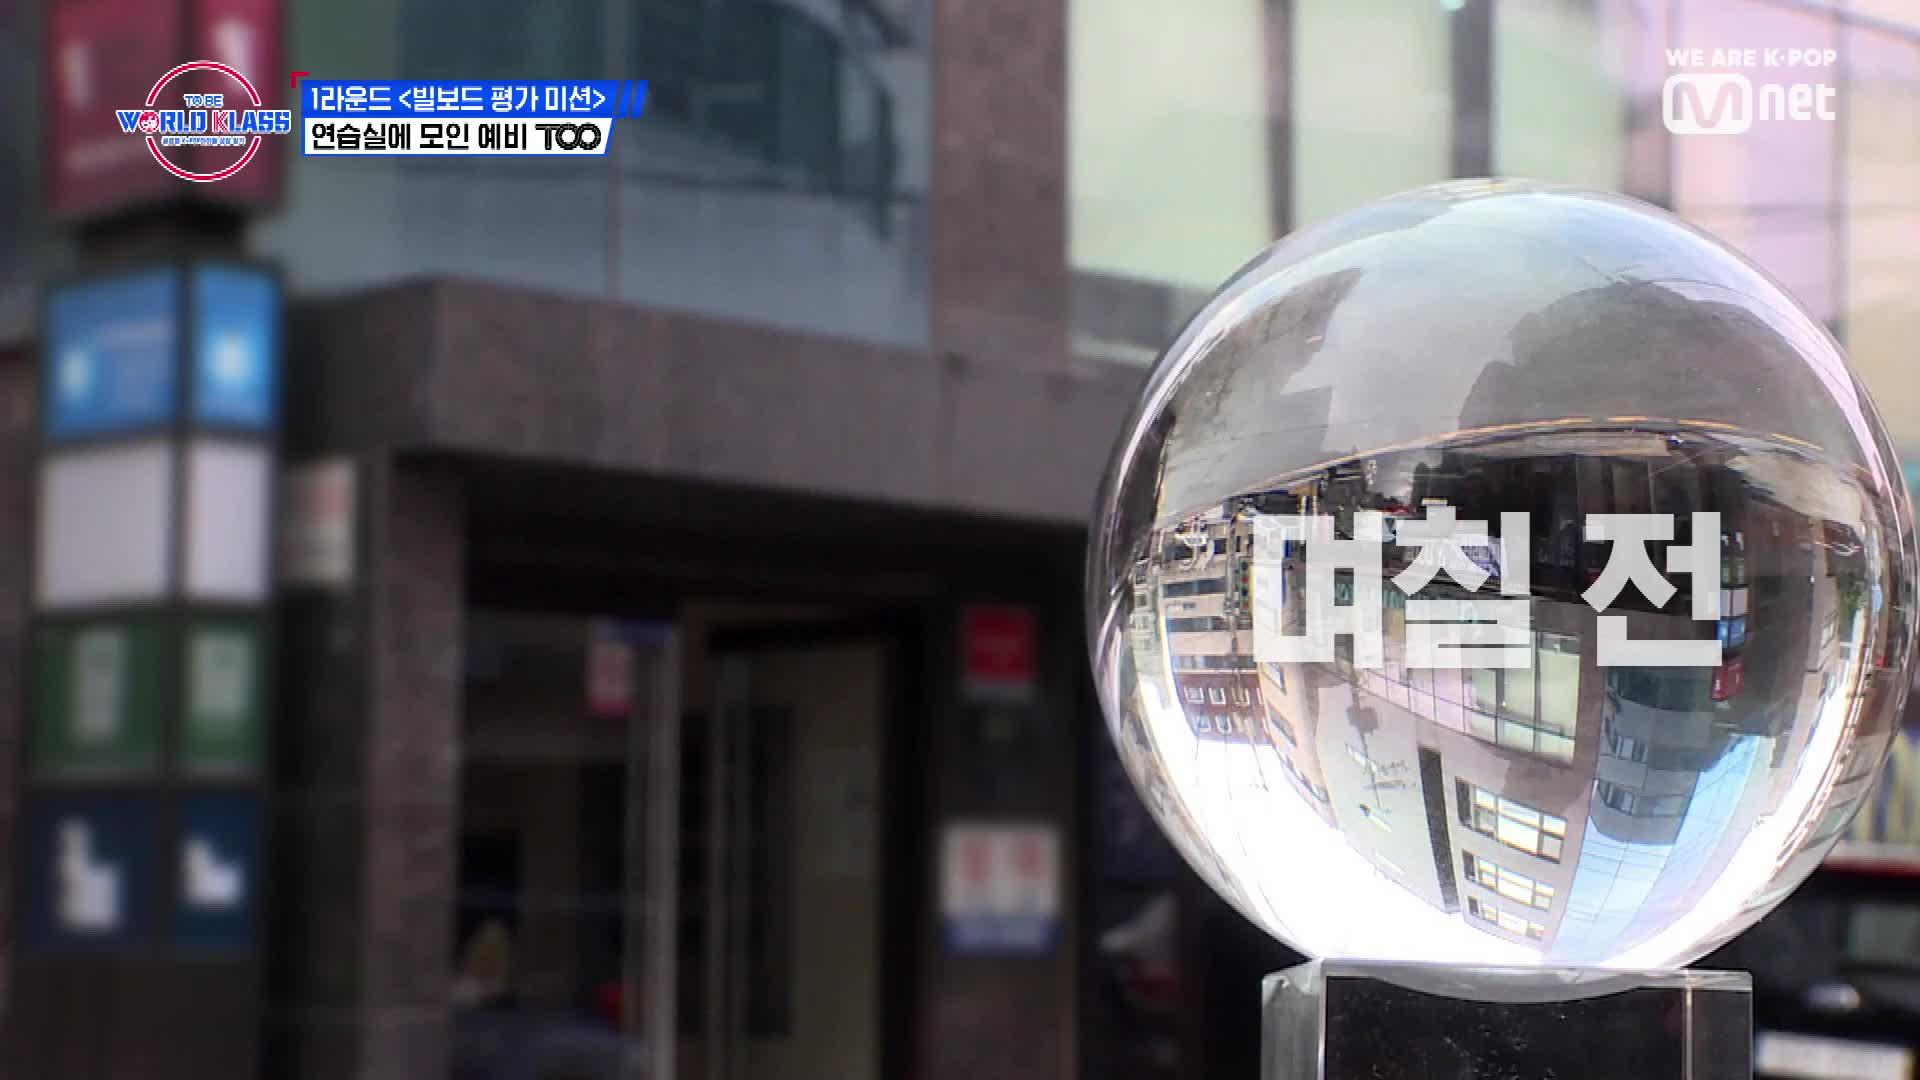 [9회] '하트♥수로 갈린 승패' 베네핏이 걸린 기습 중간 평가